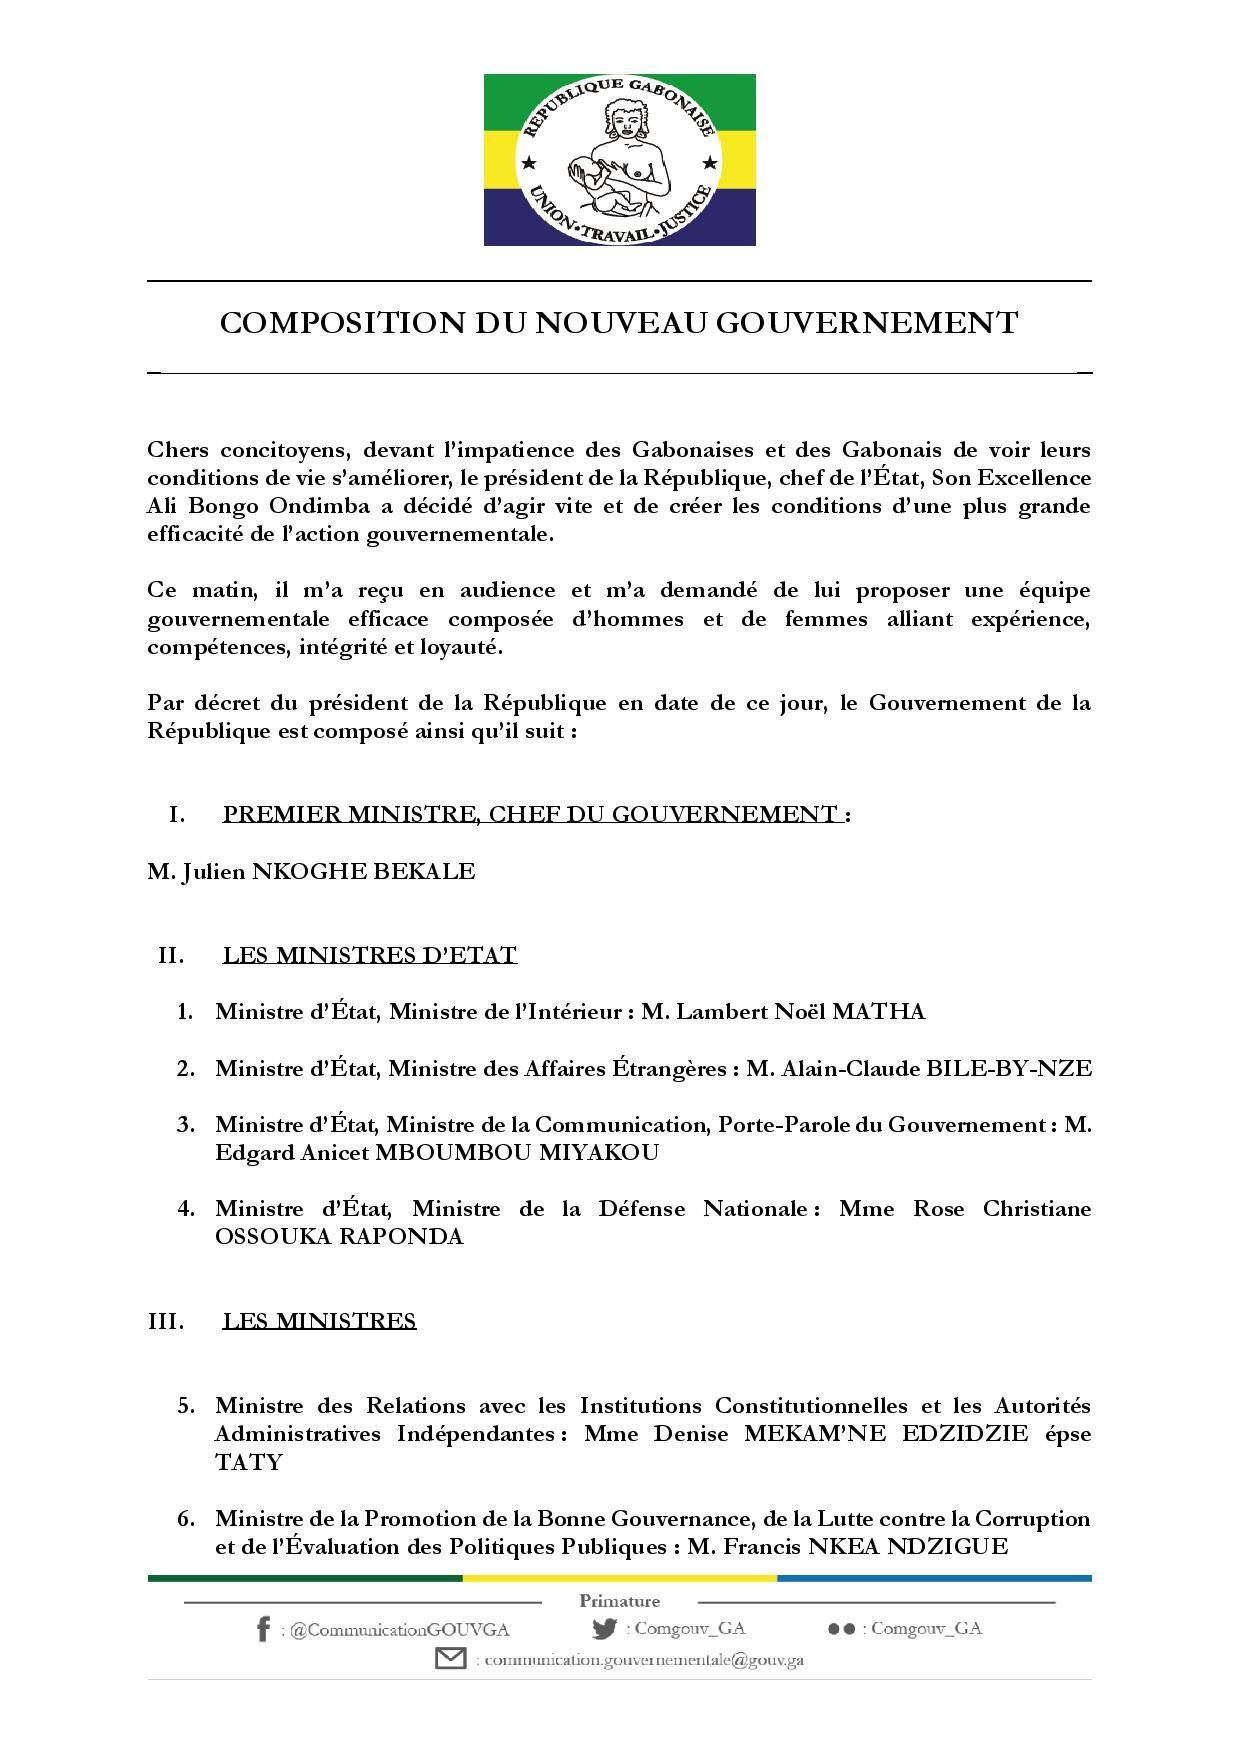 Composition du nouveau gouvernement_02122019-page-001